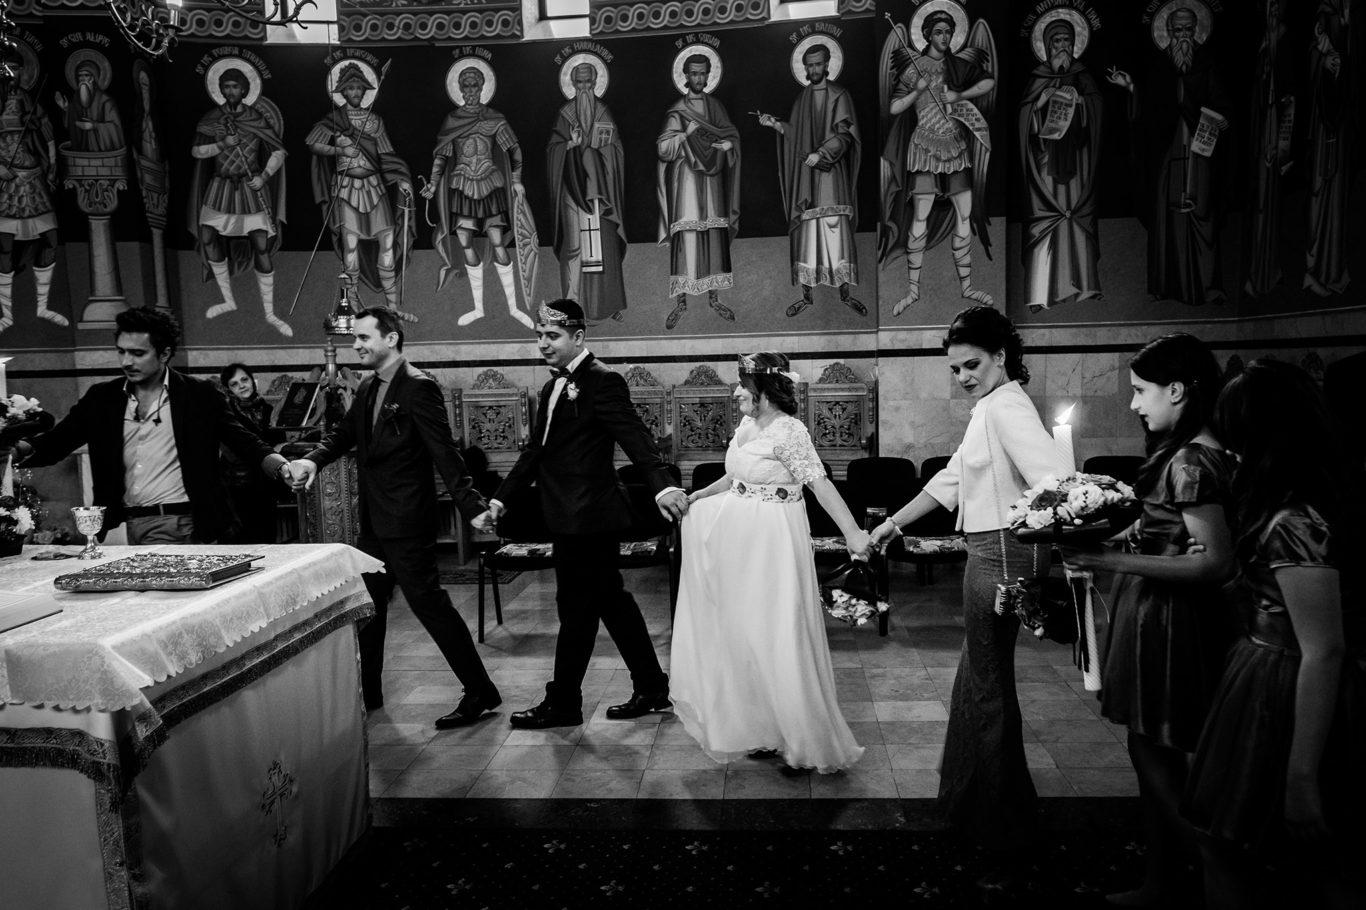 0159-Fotografie-nunta-Flory-Cristi-fotograf-Ciprian-Dumitrescu-DSCF7924